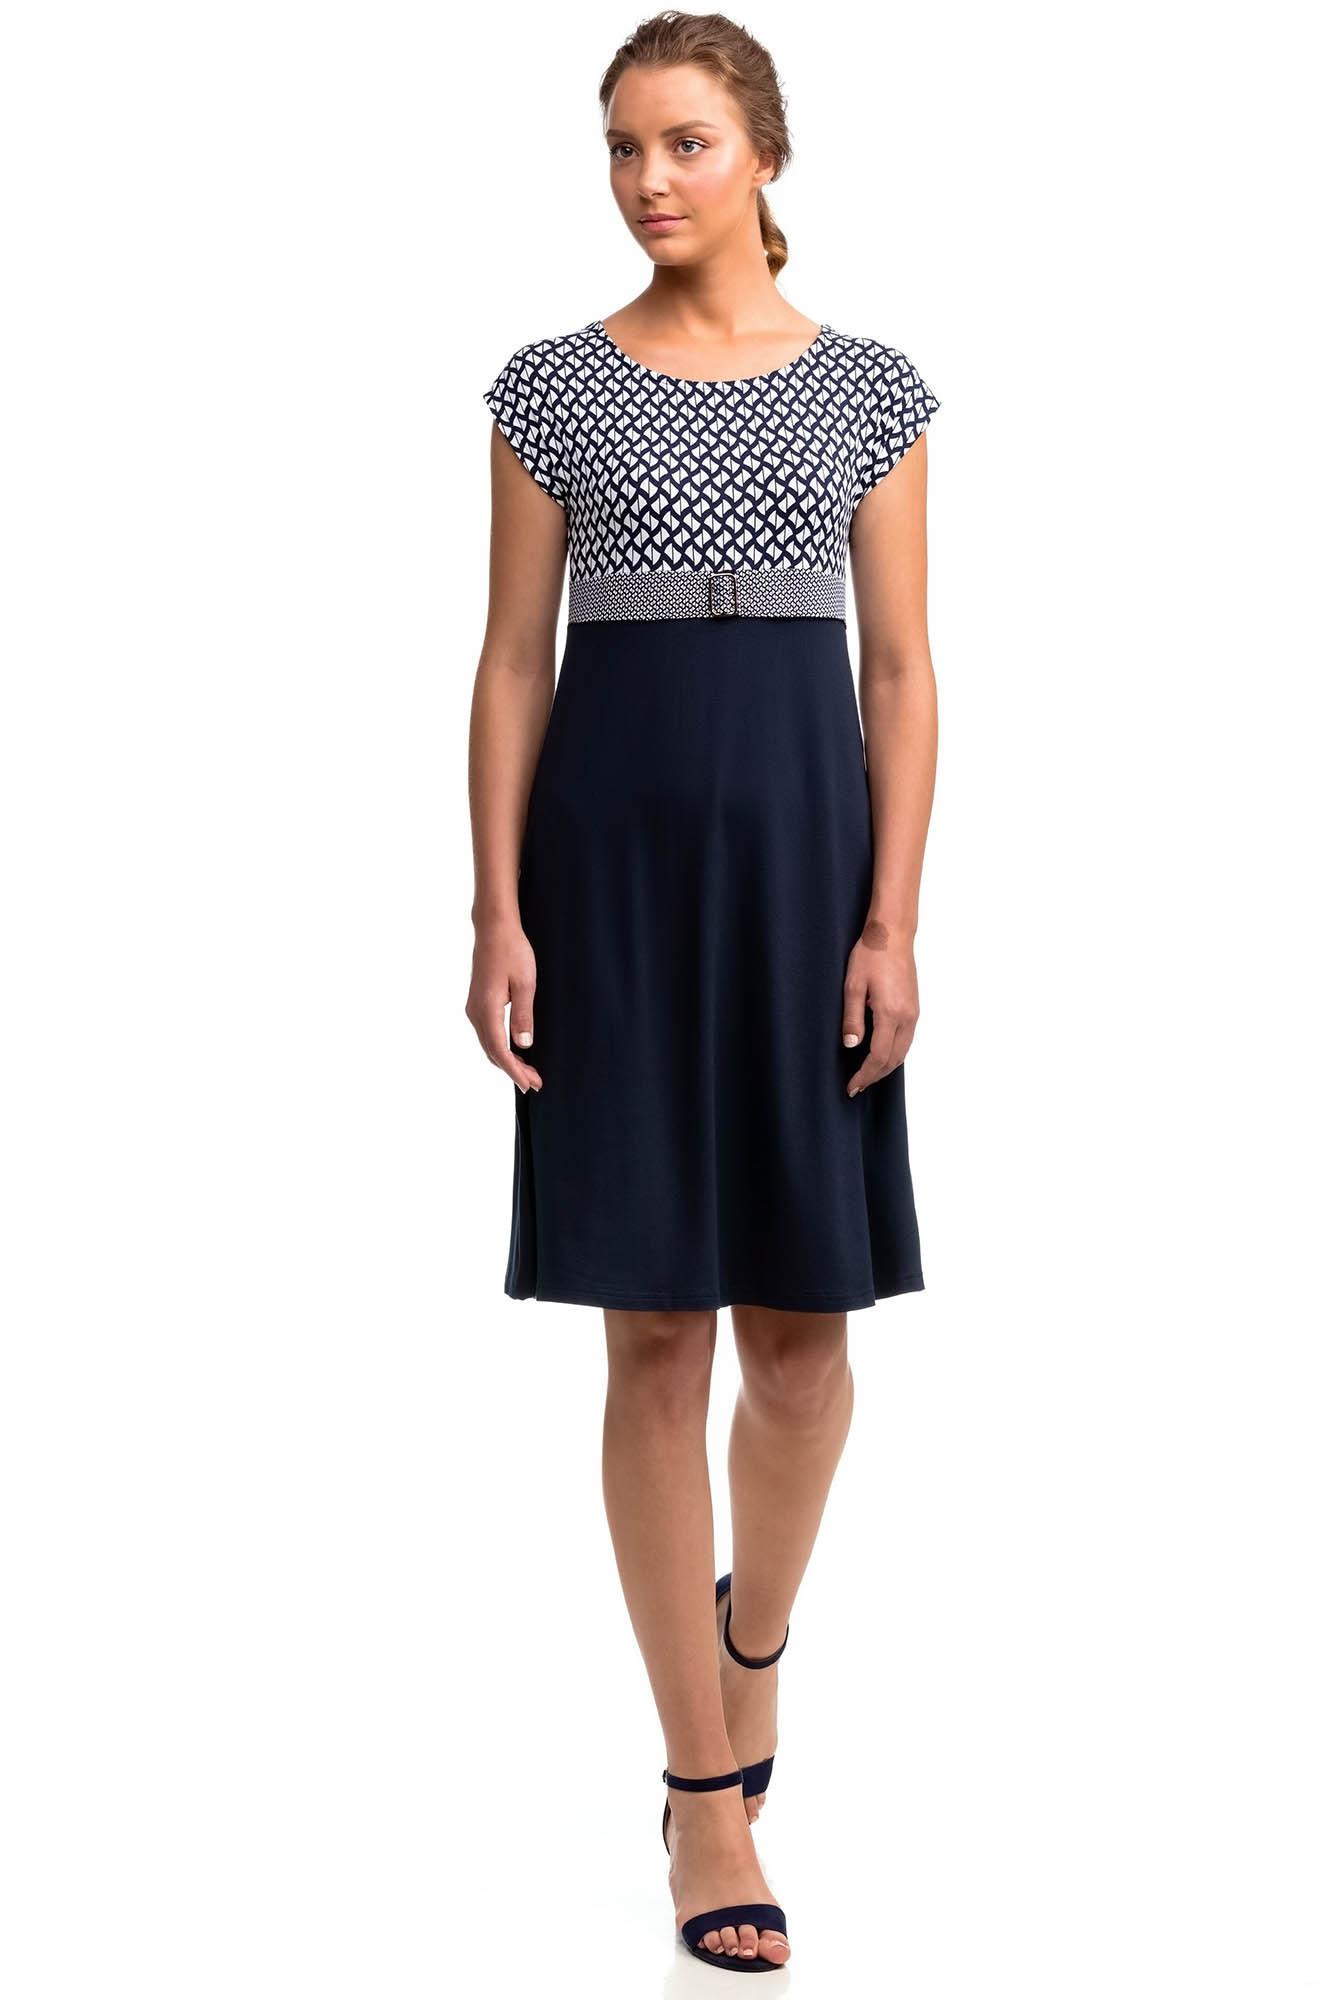 Vamp - Elegantní vzorované dámské šaty 14452 - Vamp blue s